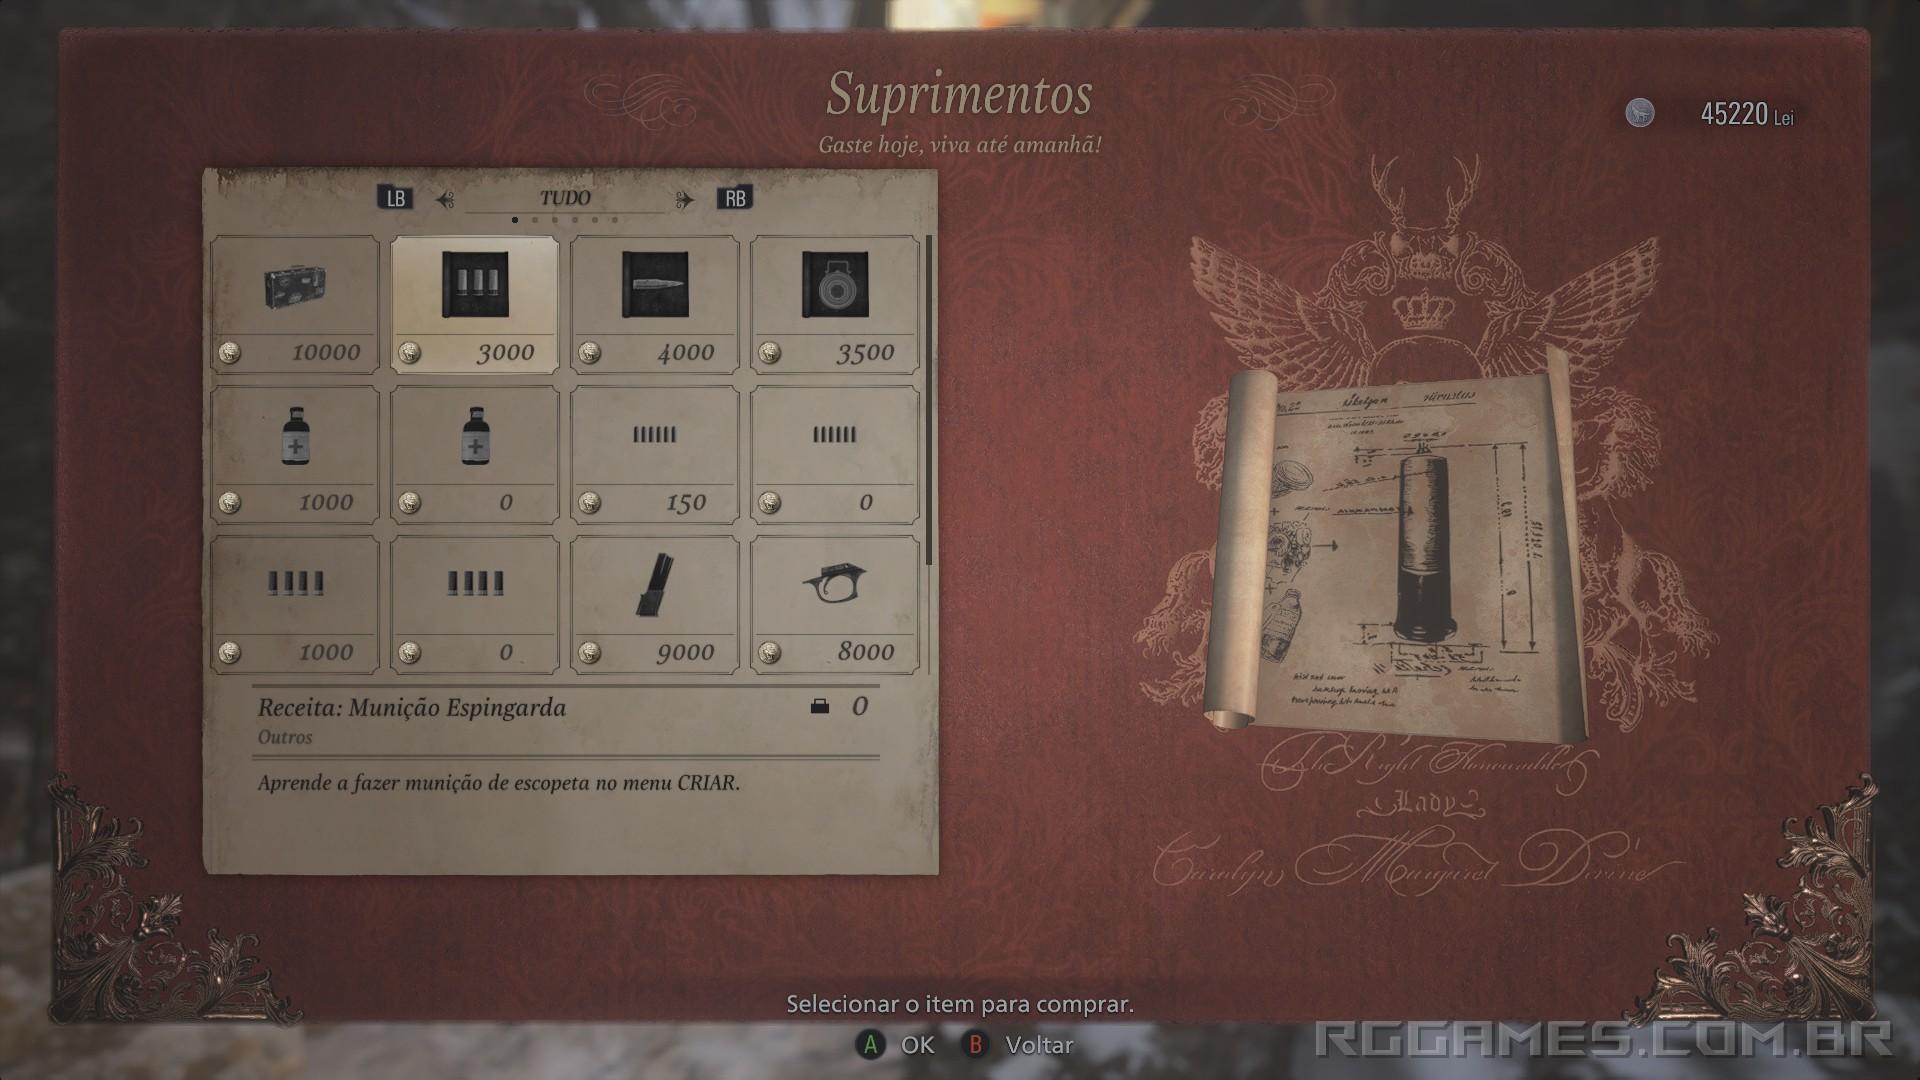 Resident Evil Village Biohazard Village Screenshot 2021.05.09 02.44.18.90